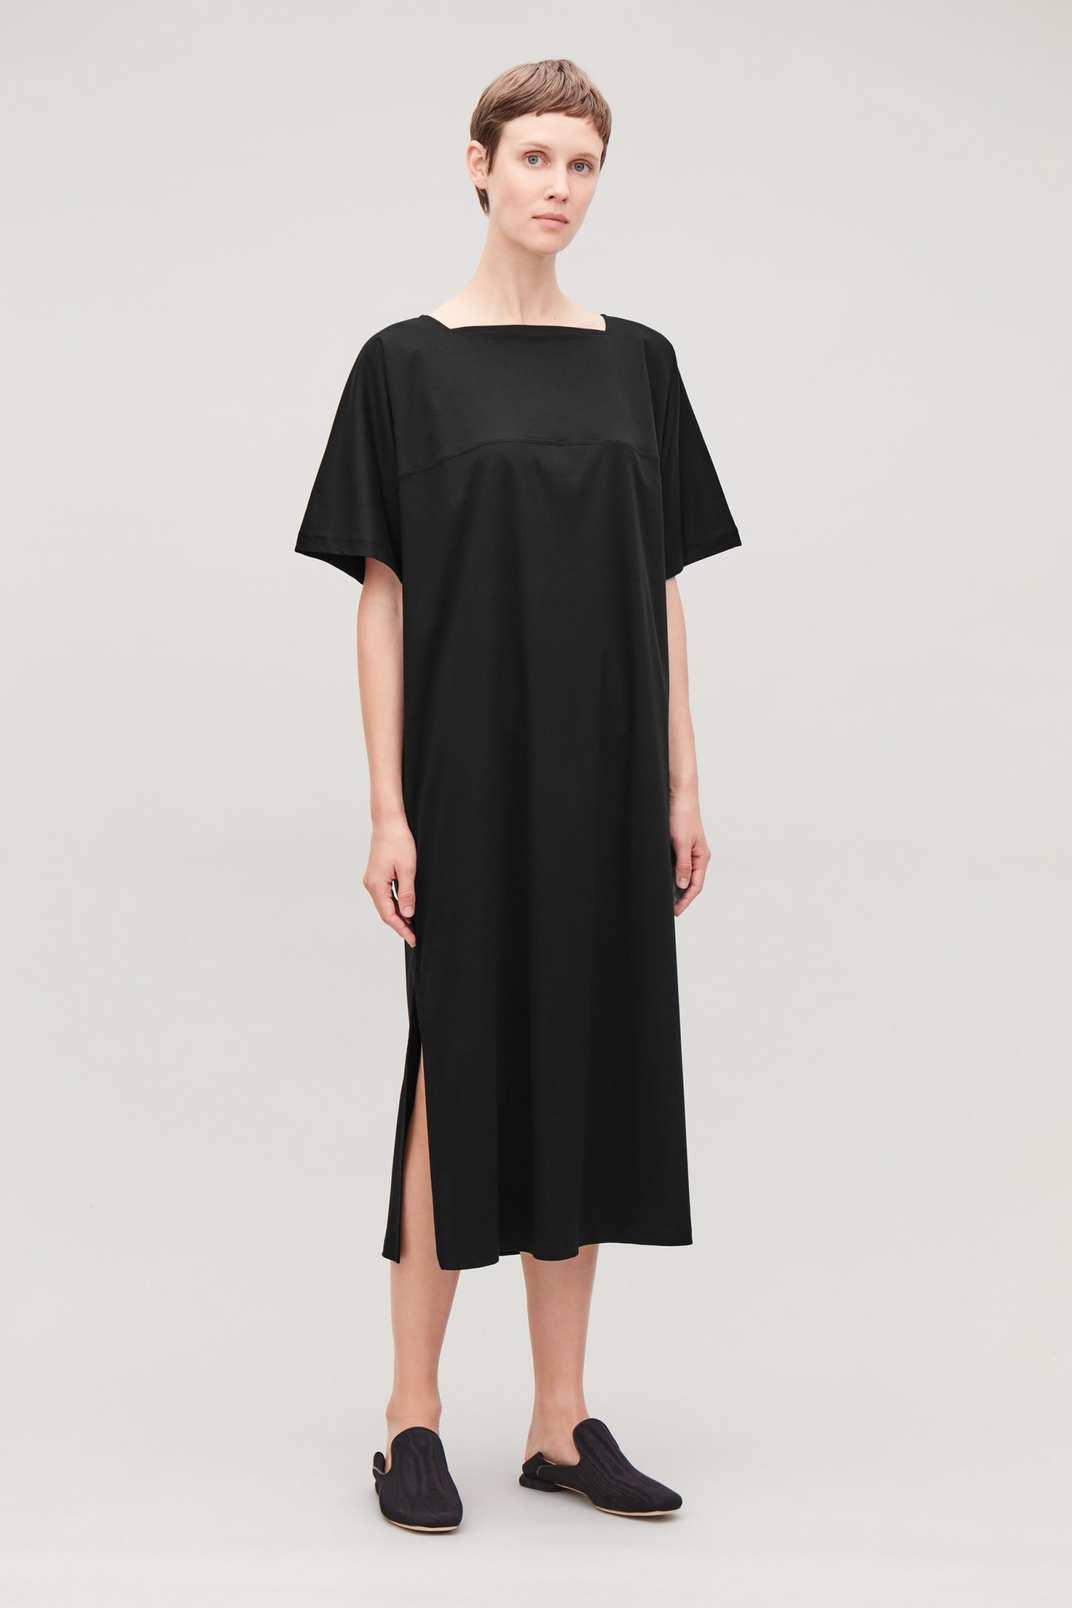 Cos Side-Split Jersey Apron Dress